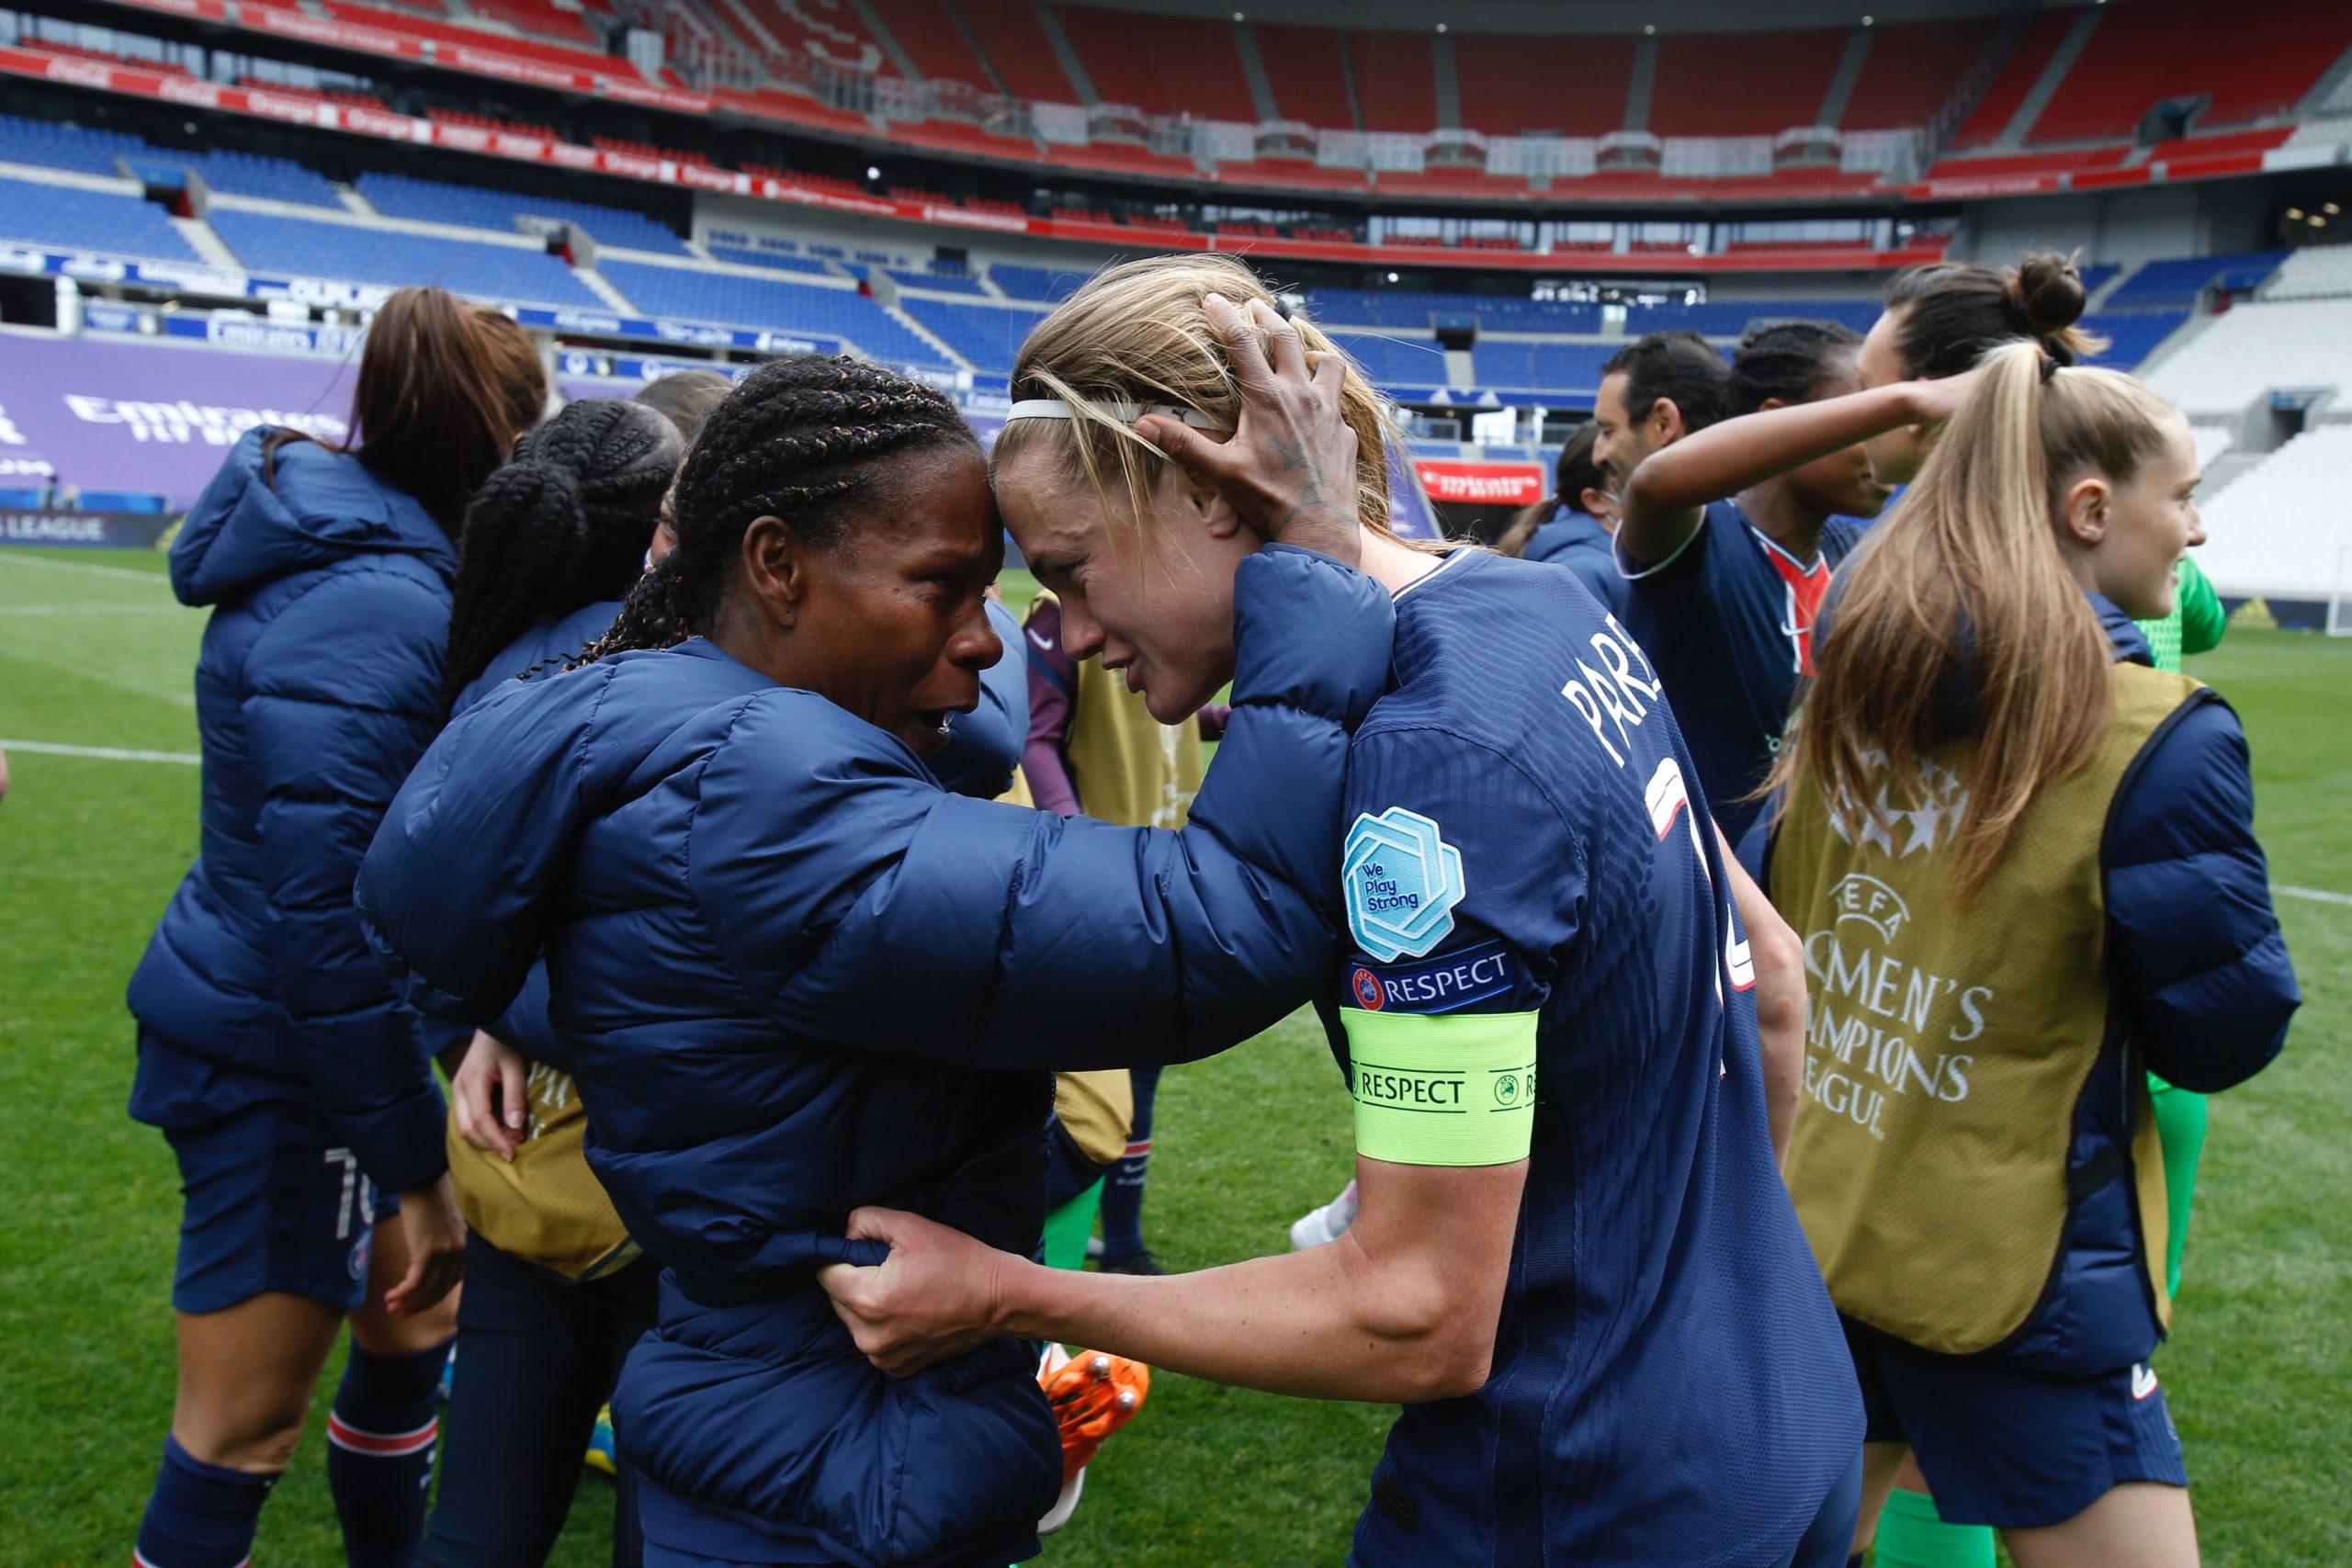 Opinião: PSG e a vitória que decreta o fim de uma era no Futebol Feminino europeu - Olimpia Sports